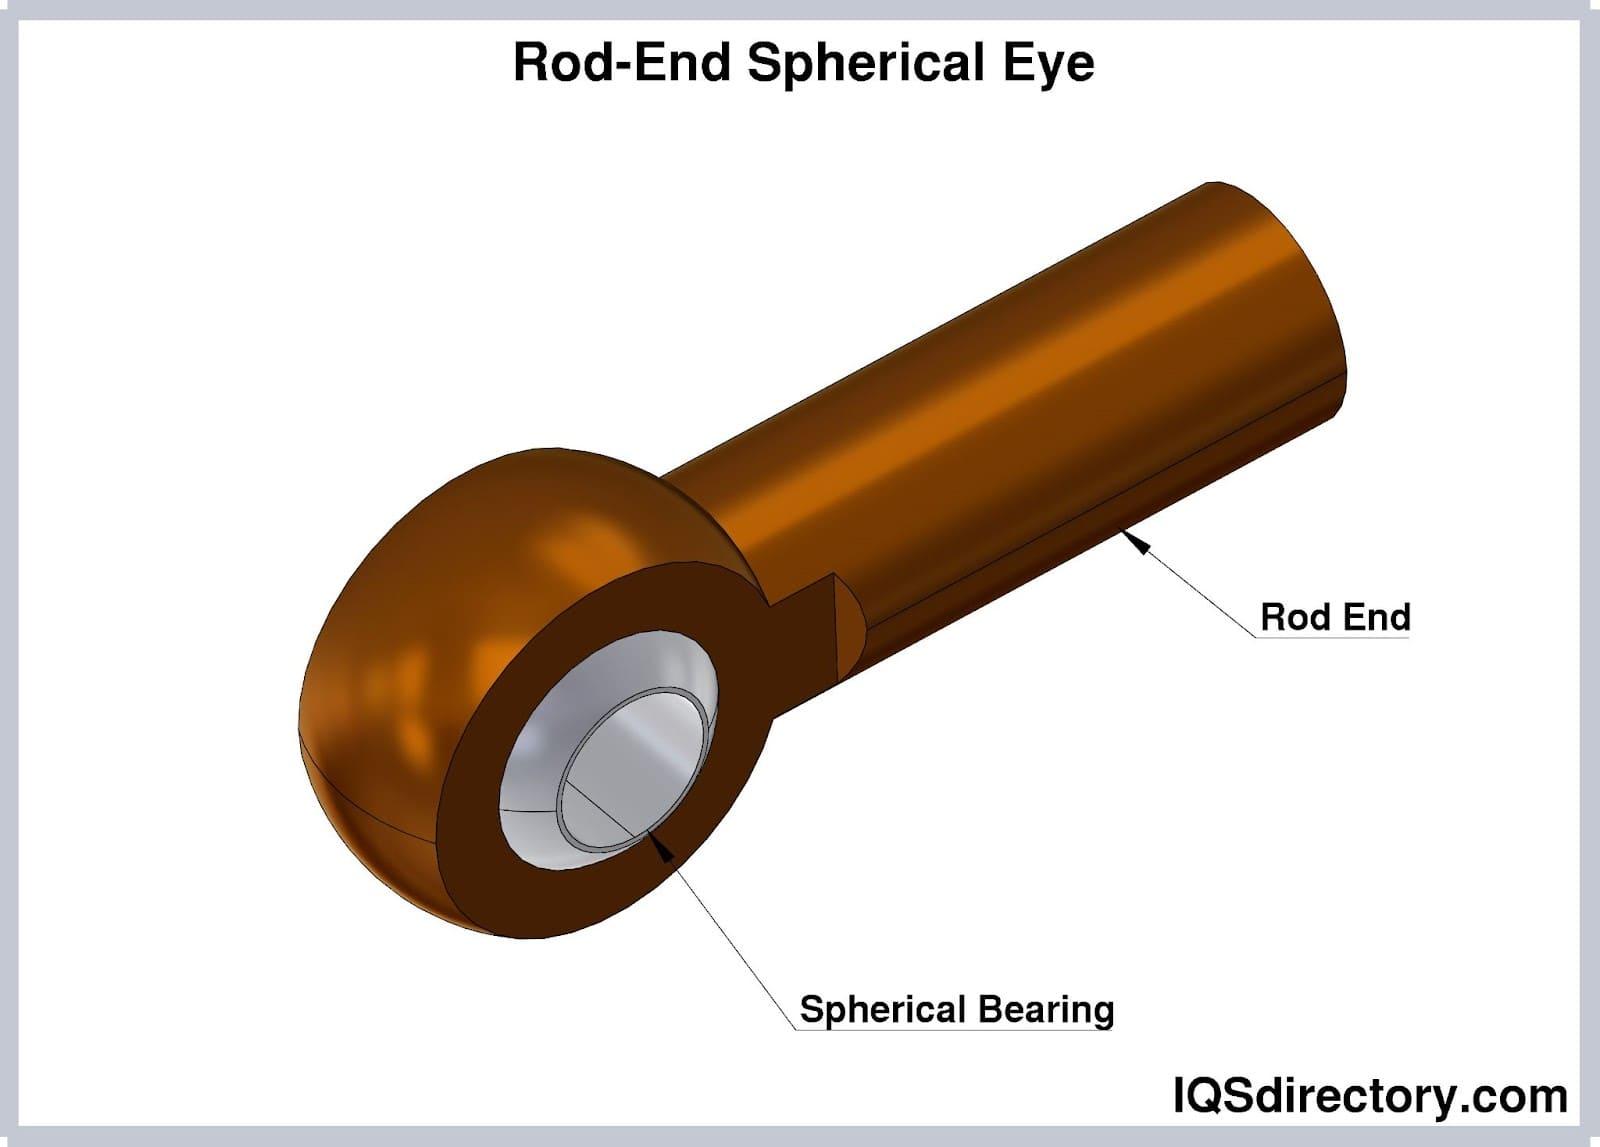 Rod-End Spherical Eye